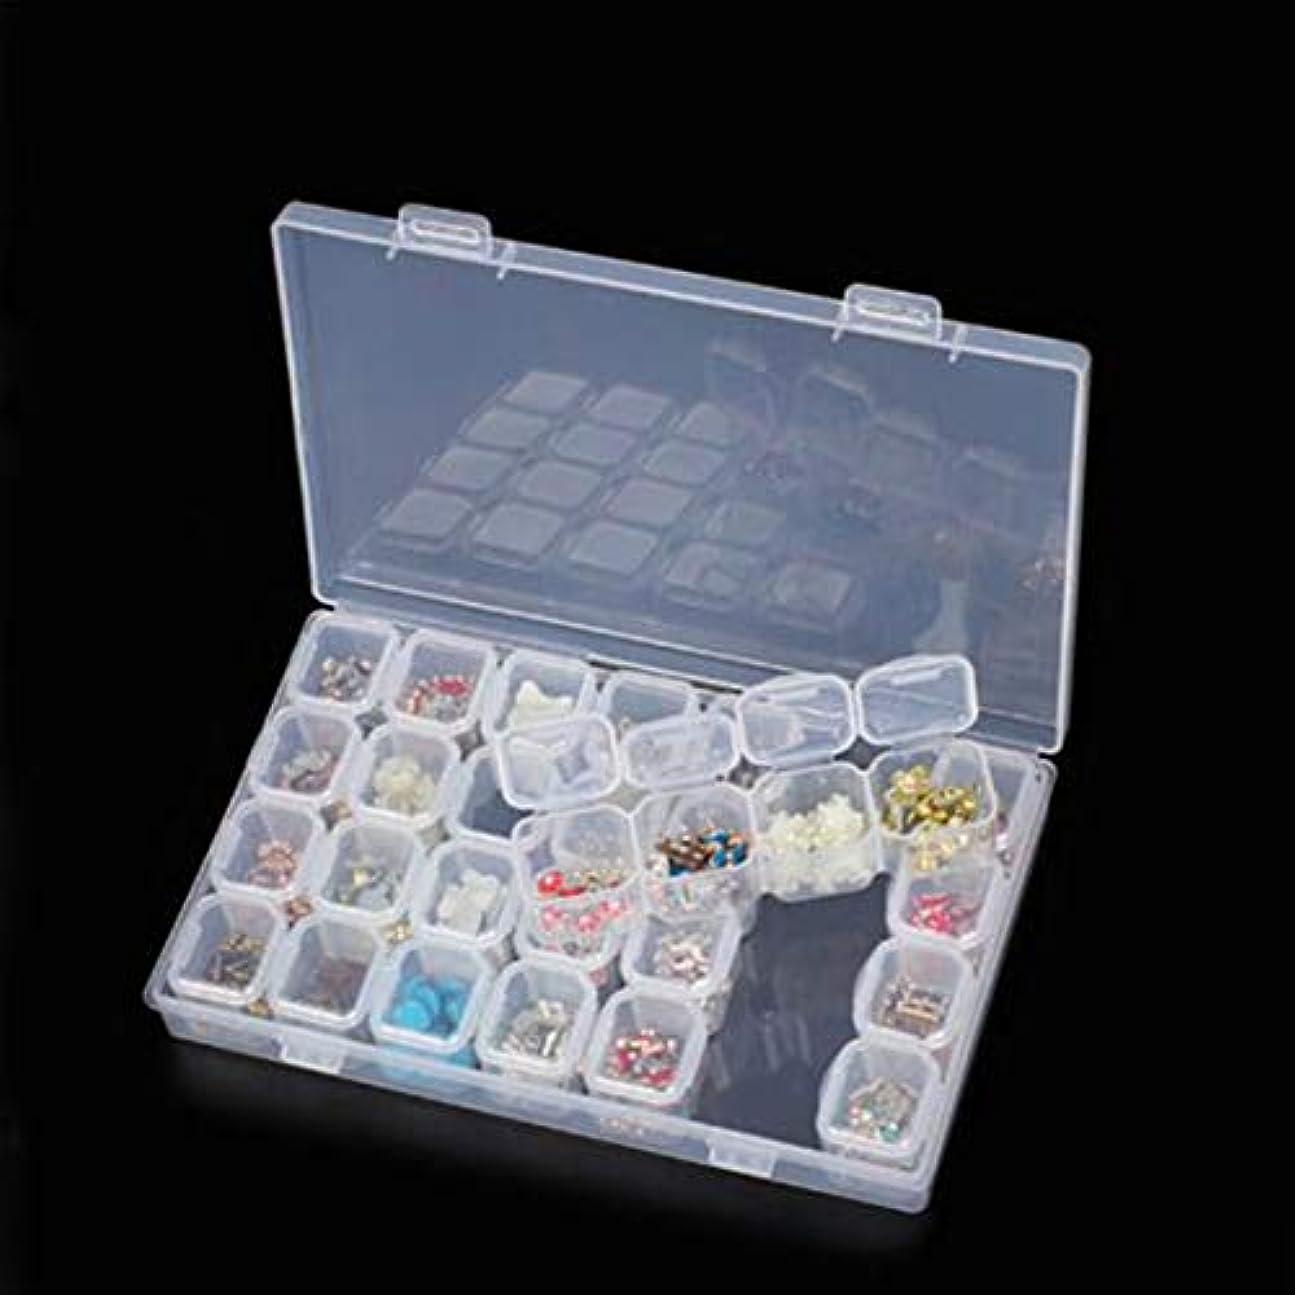 28スロットプラスチック収納ボックスボックスダイヤモンド塗装キットネールアートラインツールズ収納収納ボックスケースオーガナイザーホルダー